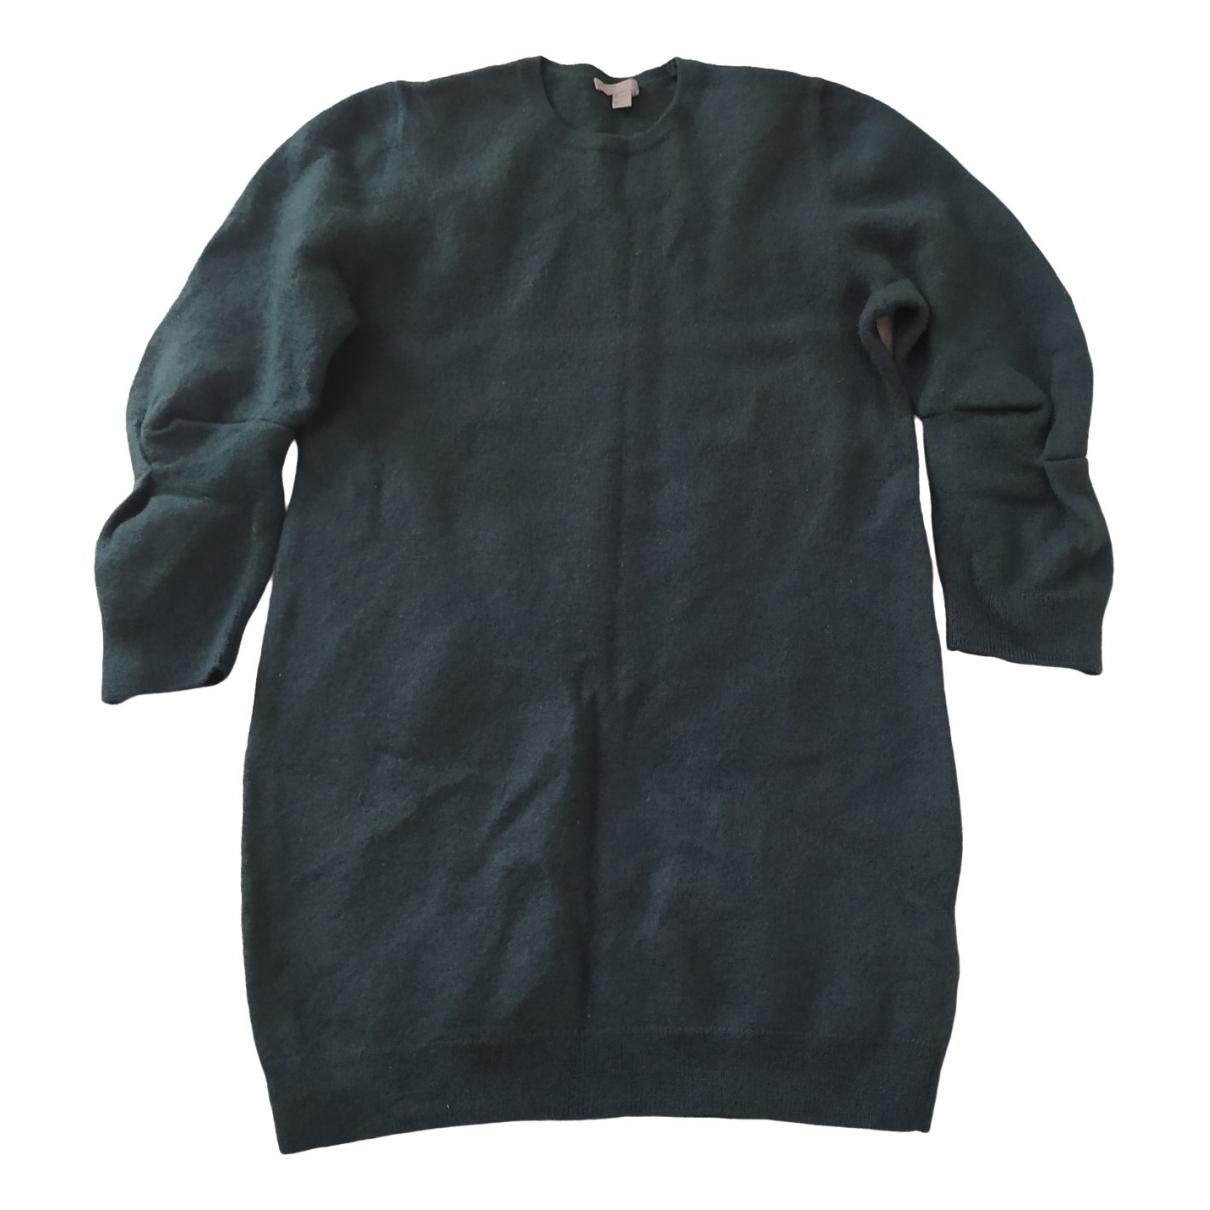 Cos \N Green Wool dress for Women S International